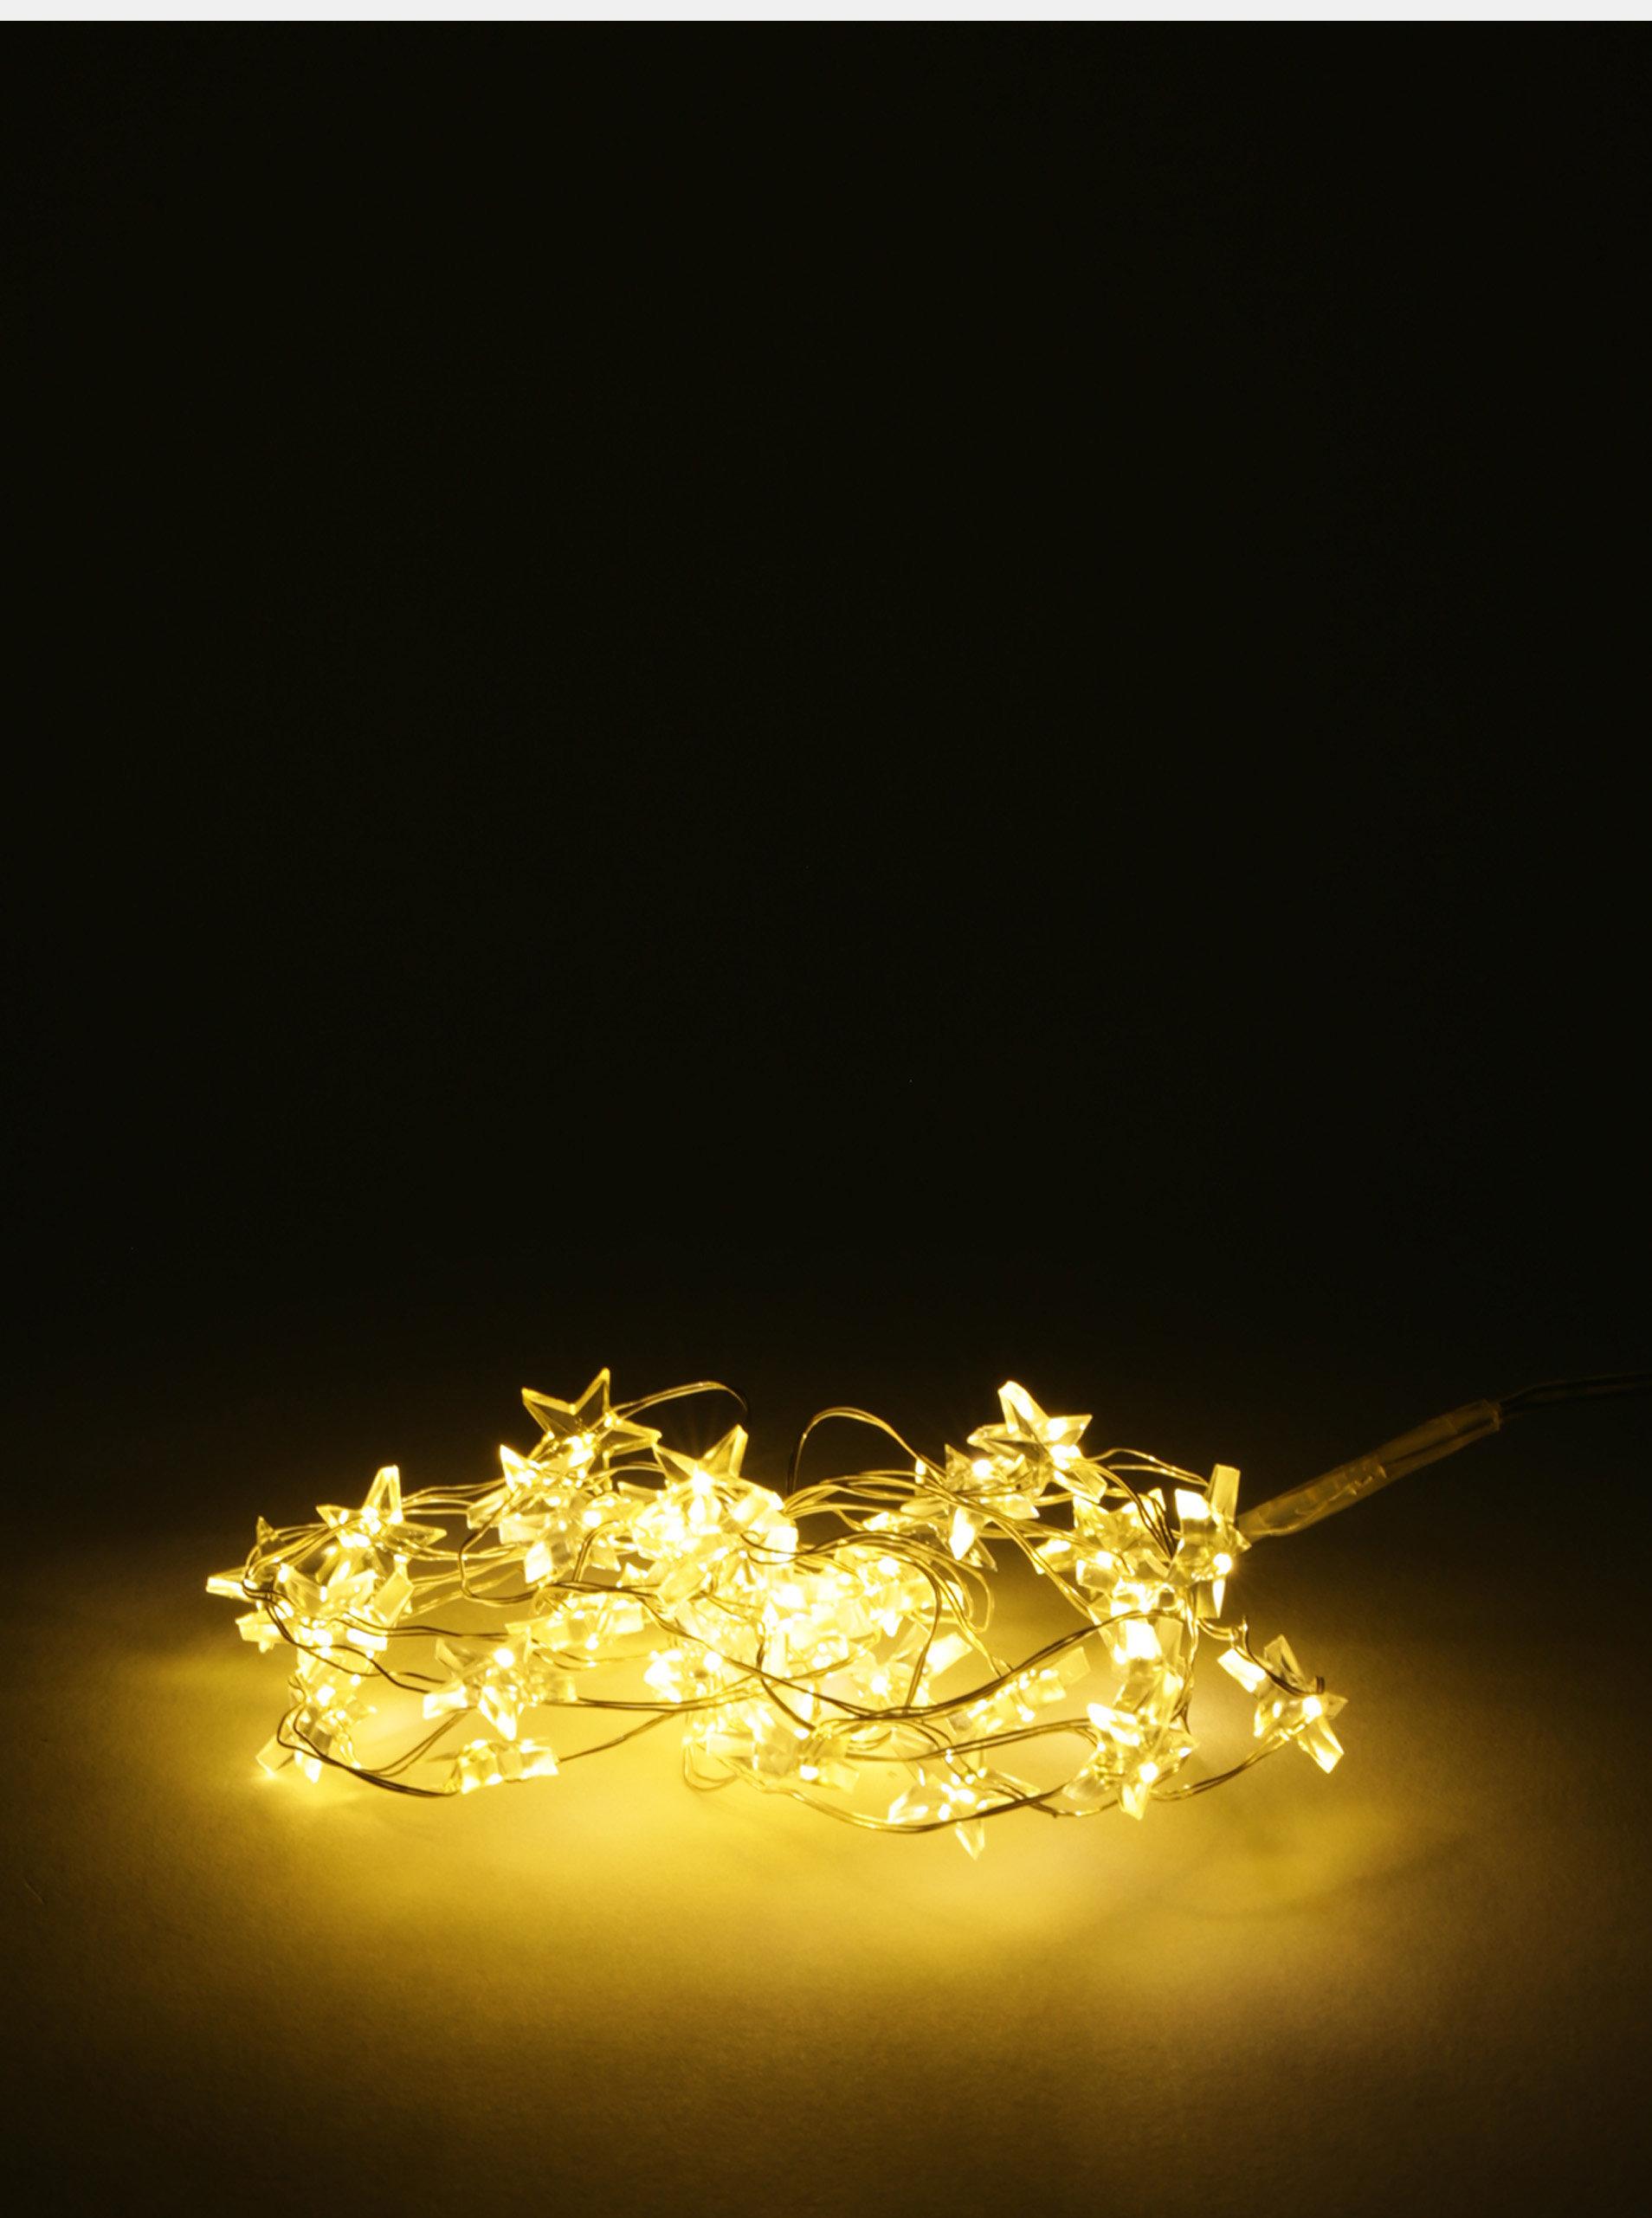 ac7a5bbb7 Mikro LED svetelná reťaz v tvare malých hviezd Kaemingk | ZOOT.sk